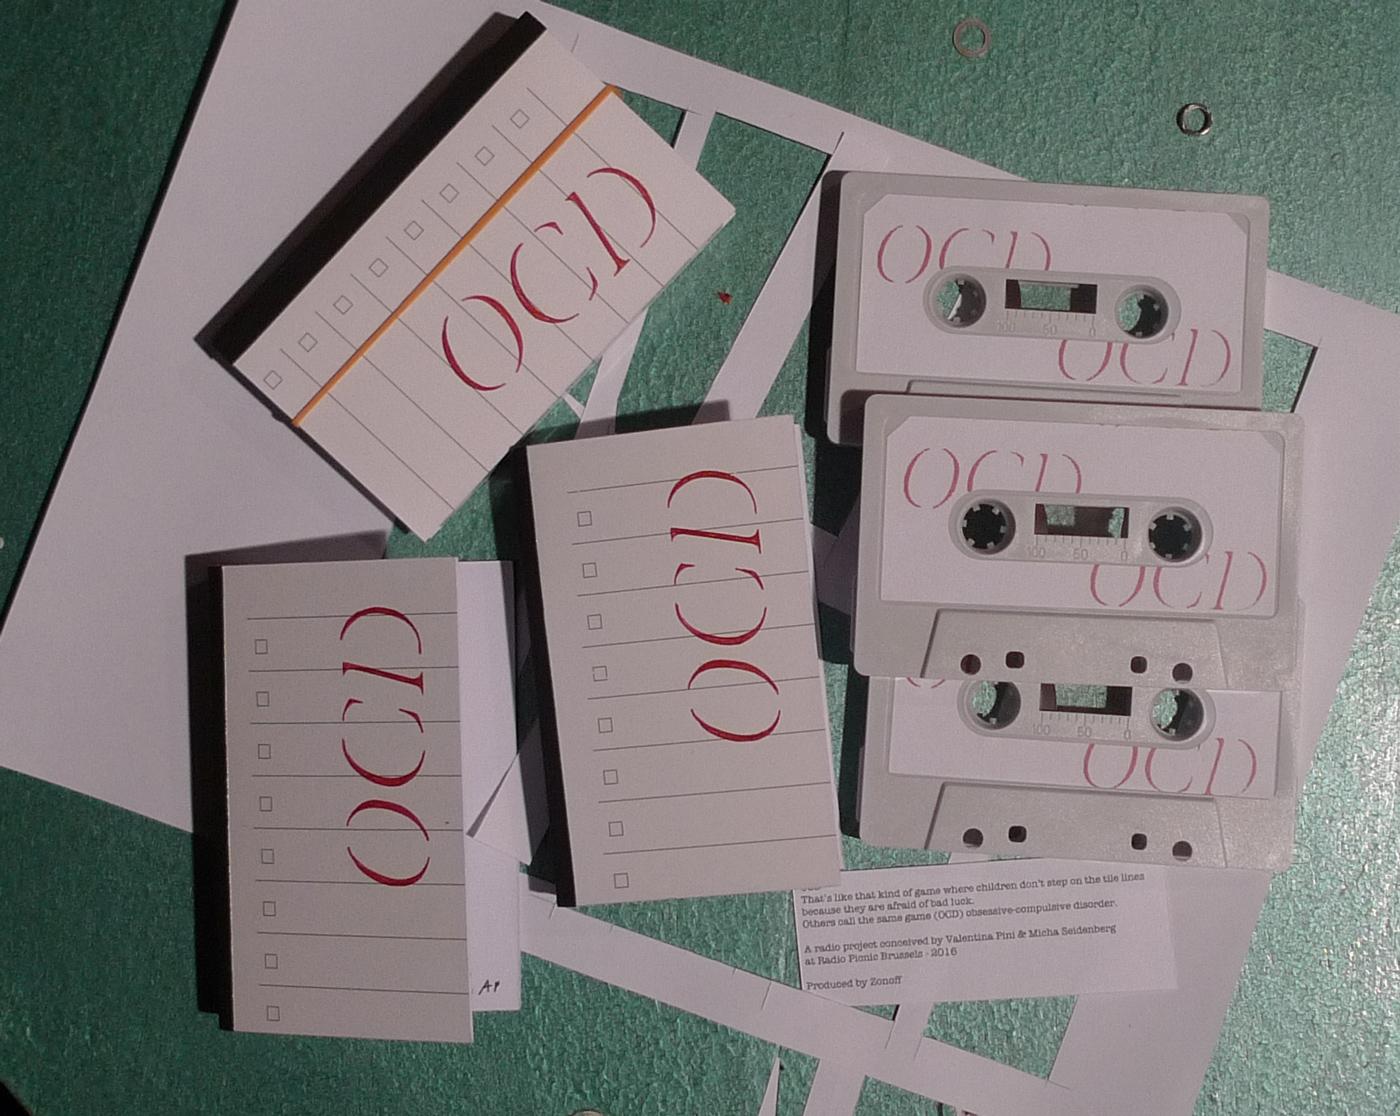 ocd-tape